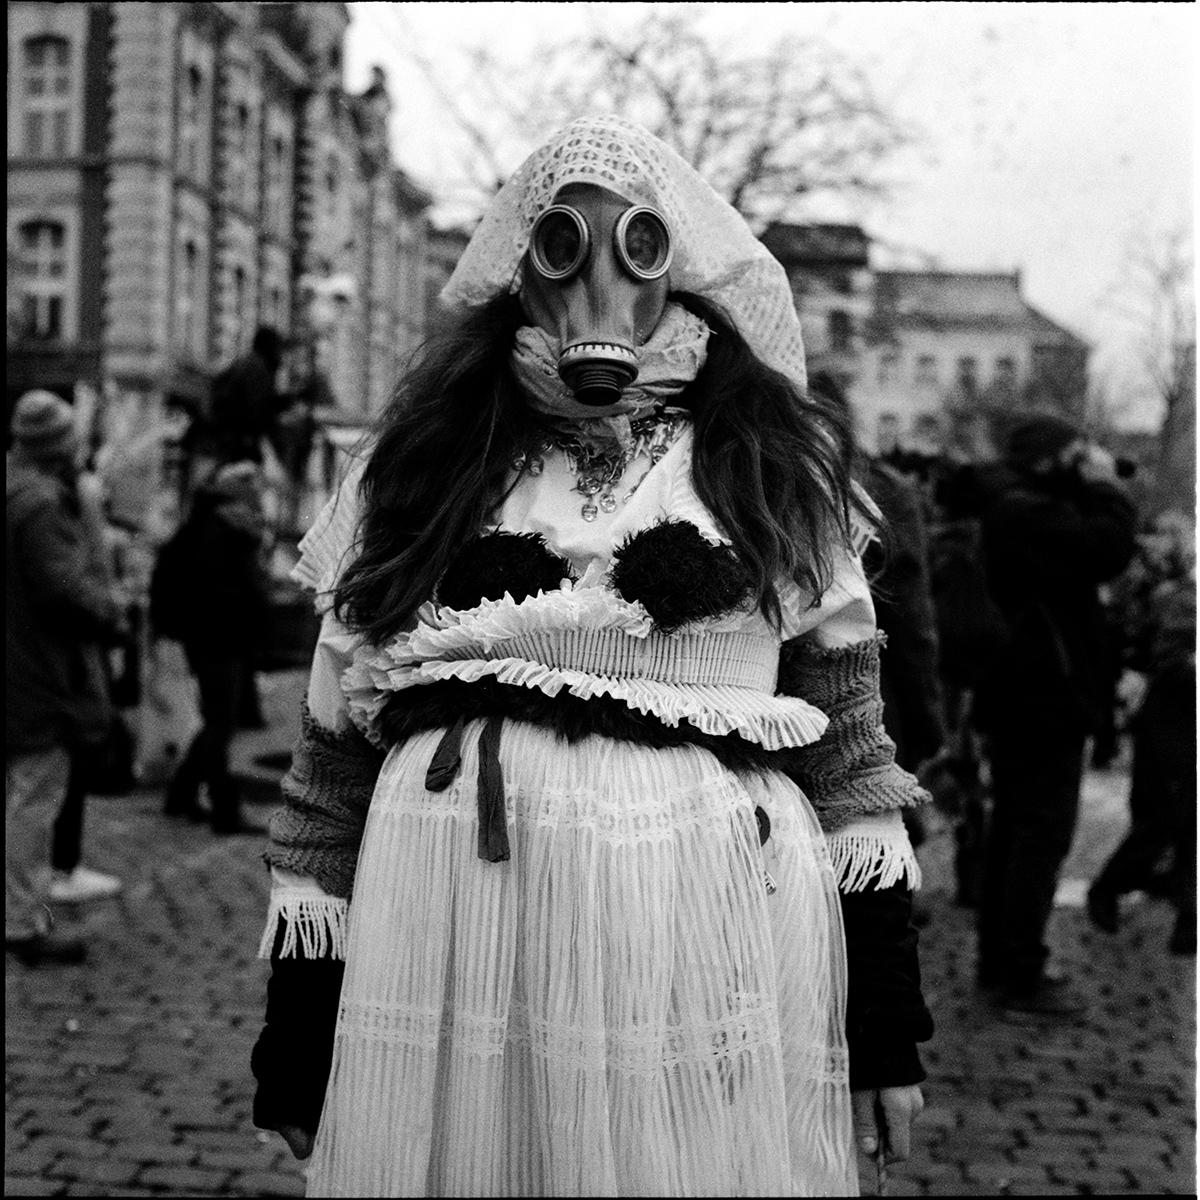 Carnaval sauvage de Bruxelles 2018 (6x6)